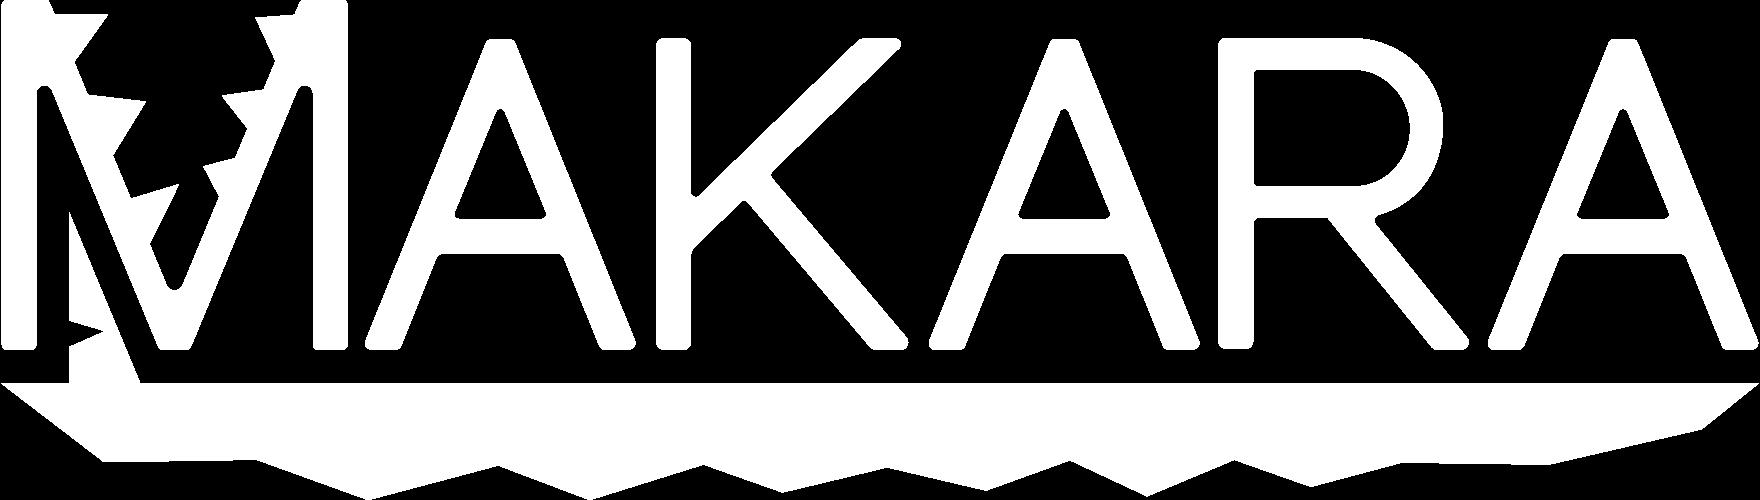 Legend-Kayaks---Makara-Logo-White